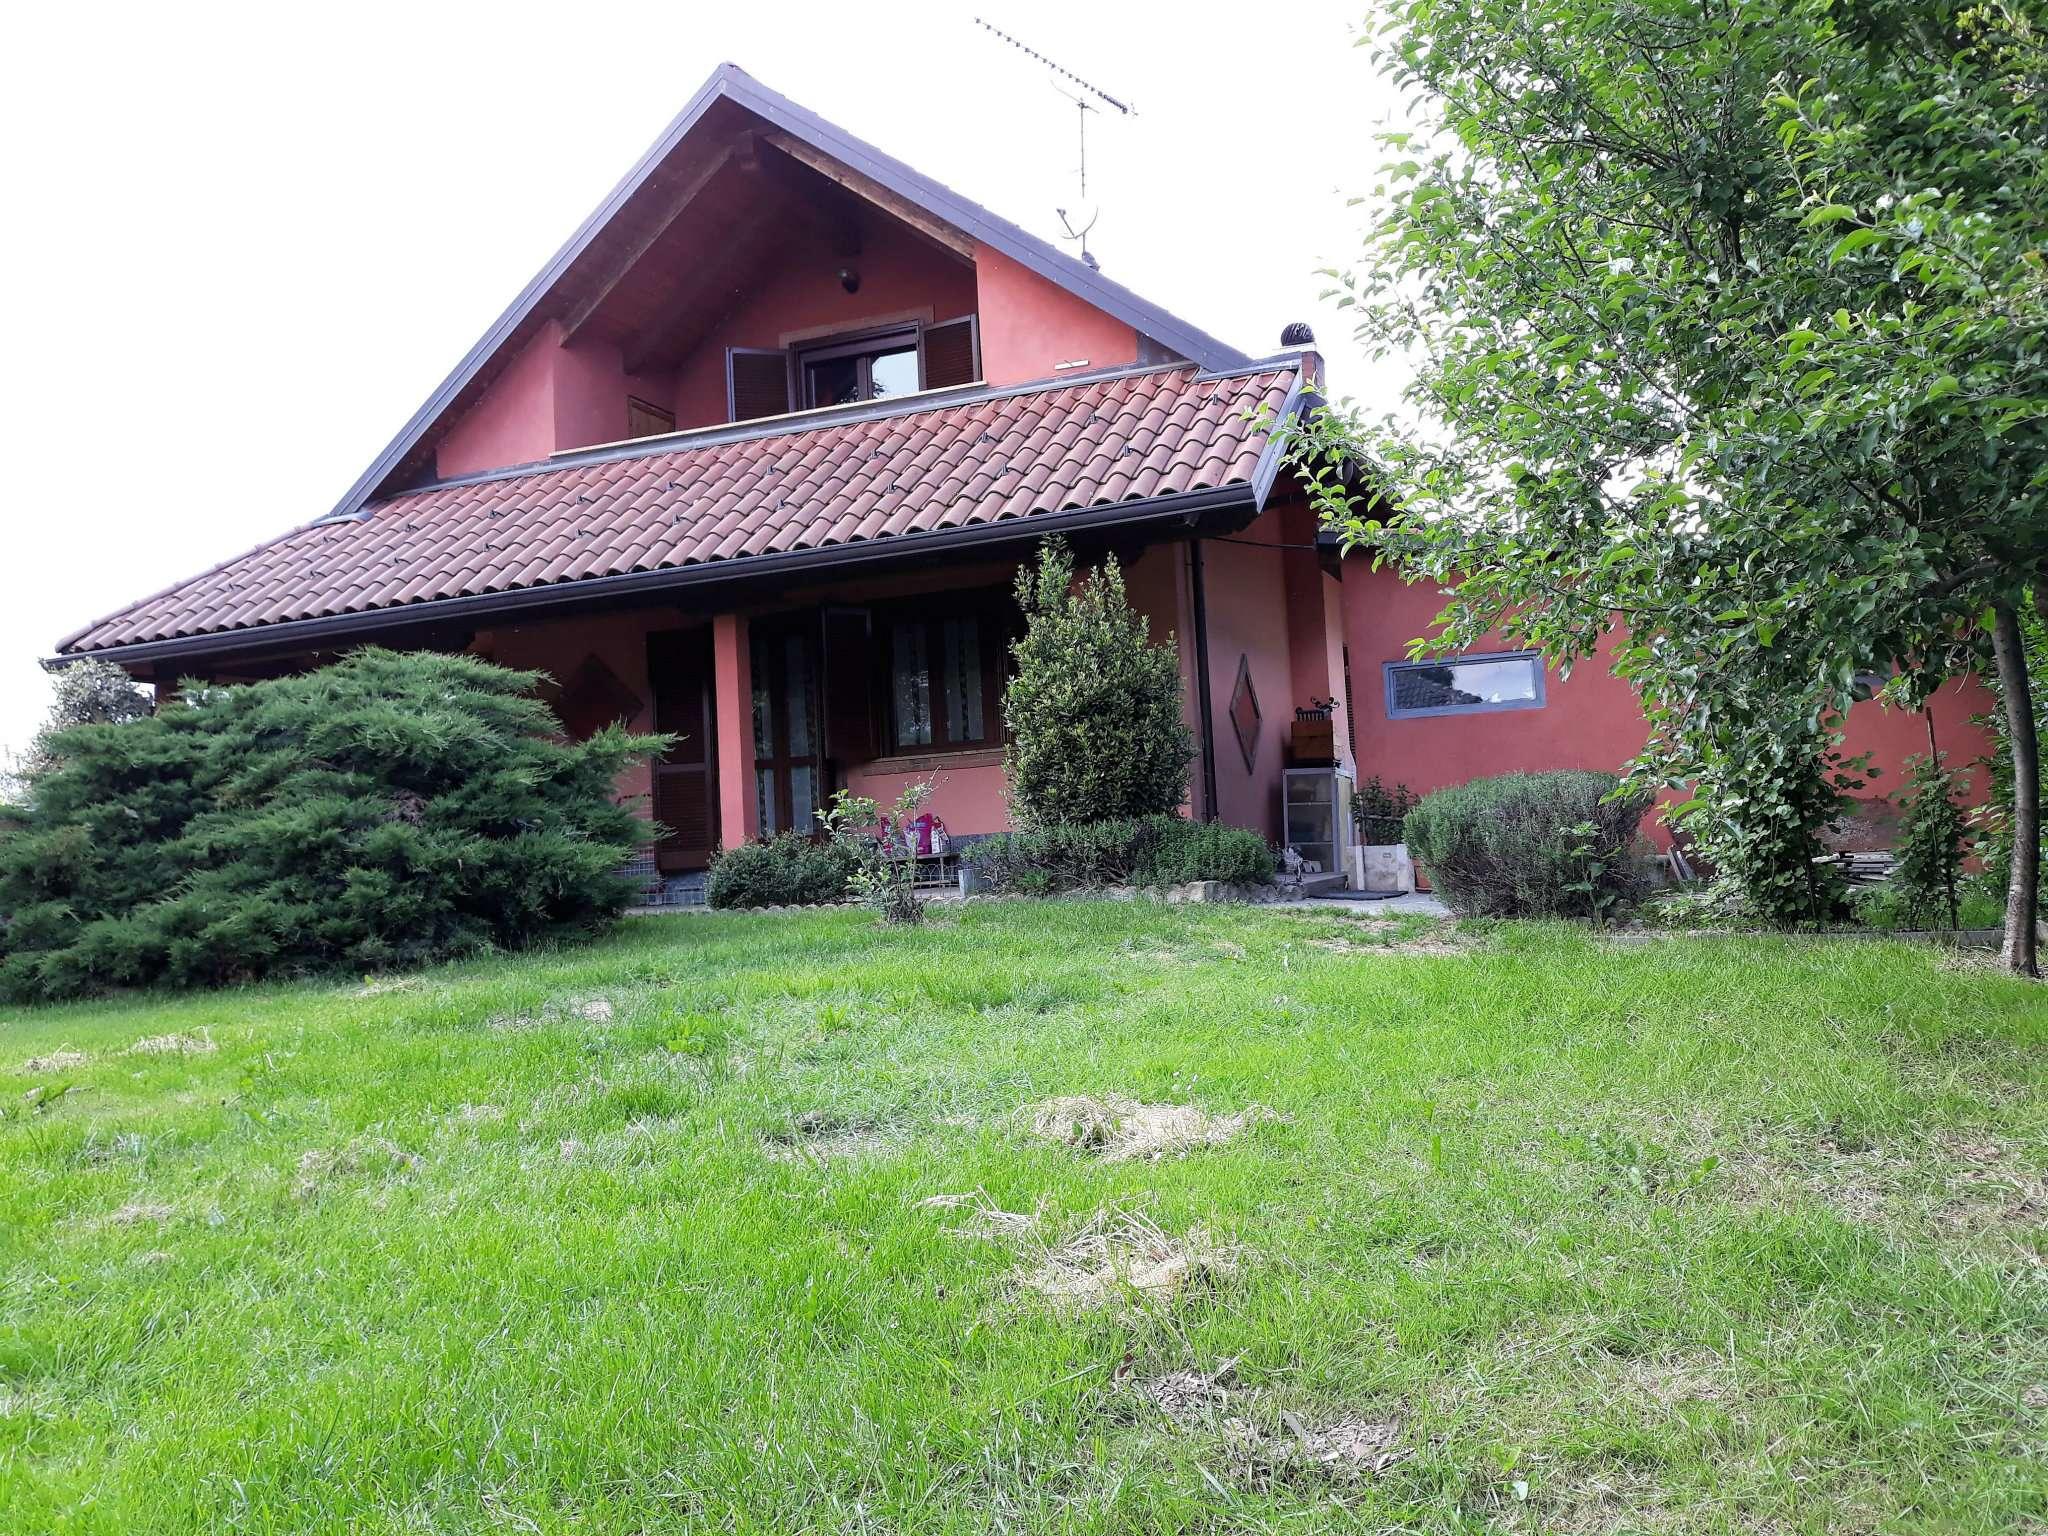 Villa in vendita a Lombardore, 6 locali, prezzo € 260.000   PortaleAgenzieImmobiliari.it